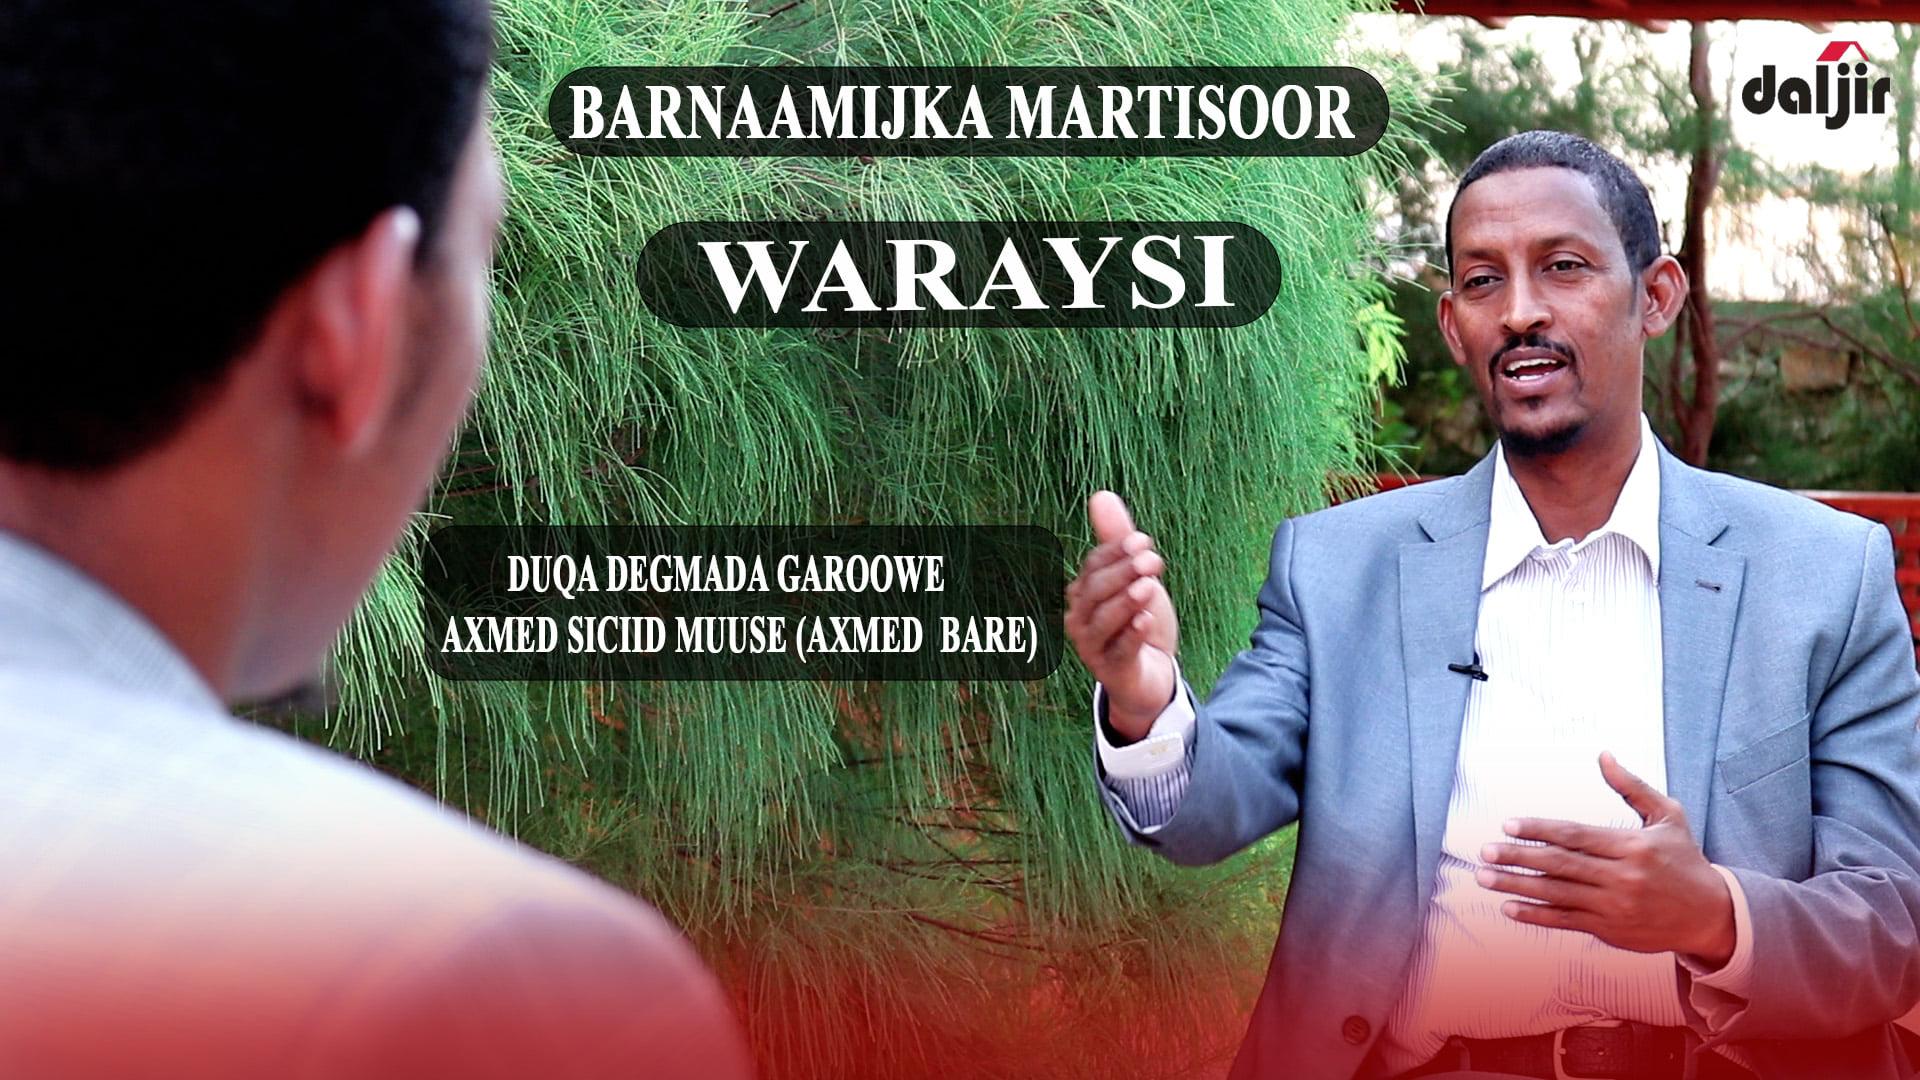 MARTISOOR: Duqa Degmada Garoowe Axmed Barre   Maxaa Qabsoomay 3 Sano Kaddib Markii uu Hoggaanka Degmada Qabtay? (daawo)